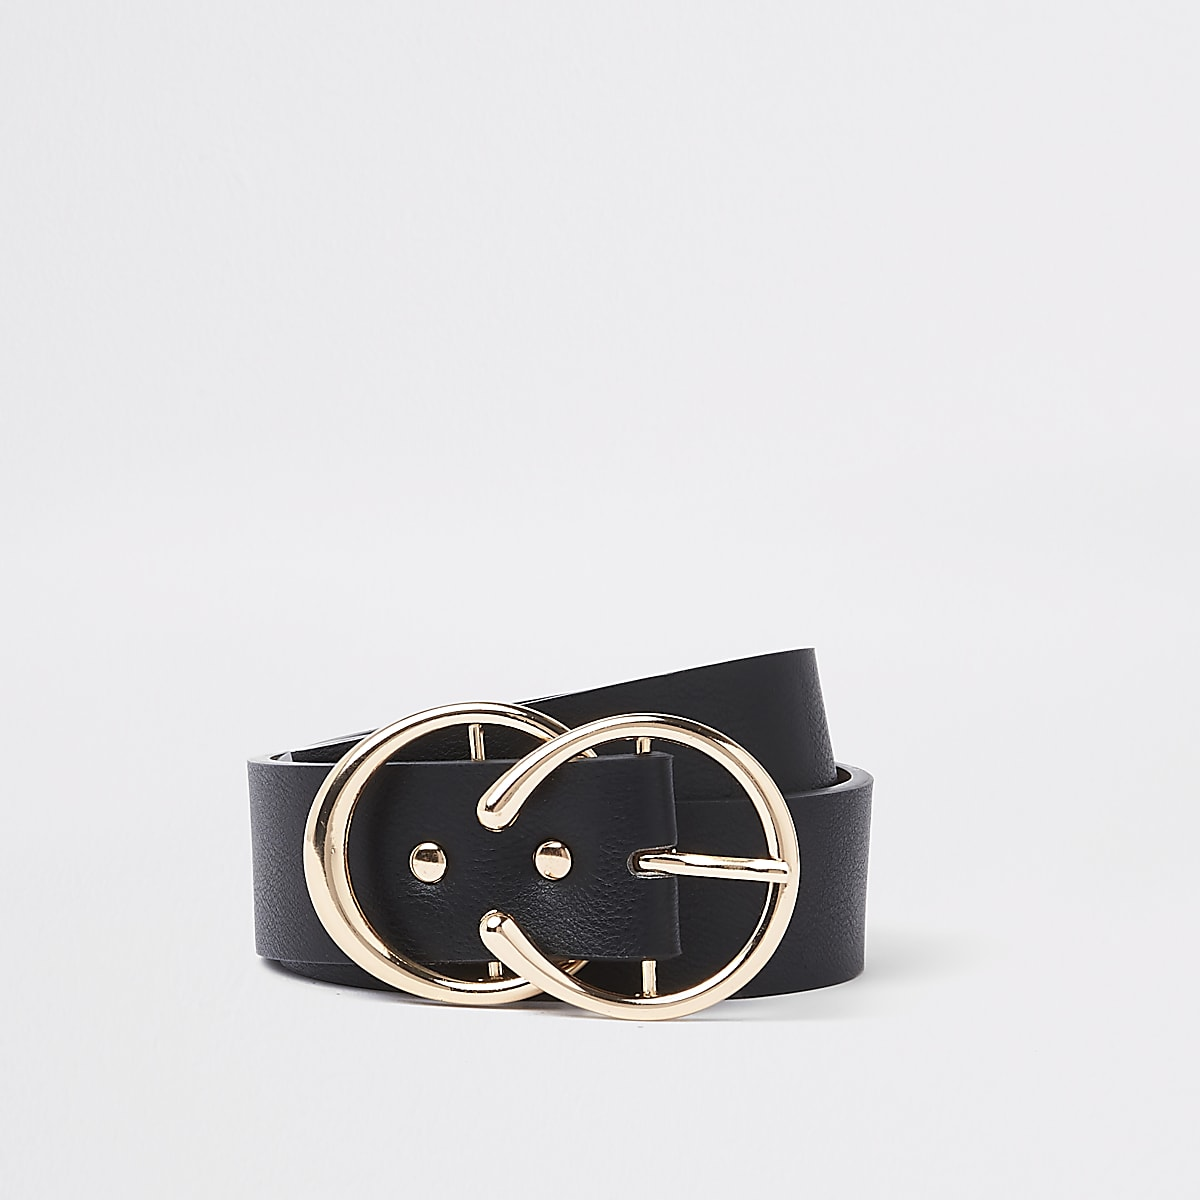 Zwarte riem met goudkleurige hoefijzervormige gesp